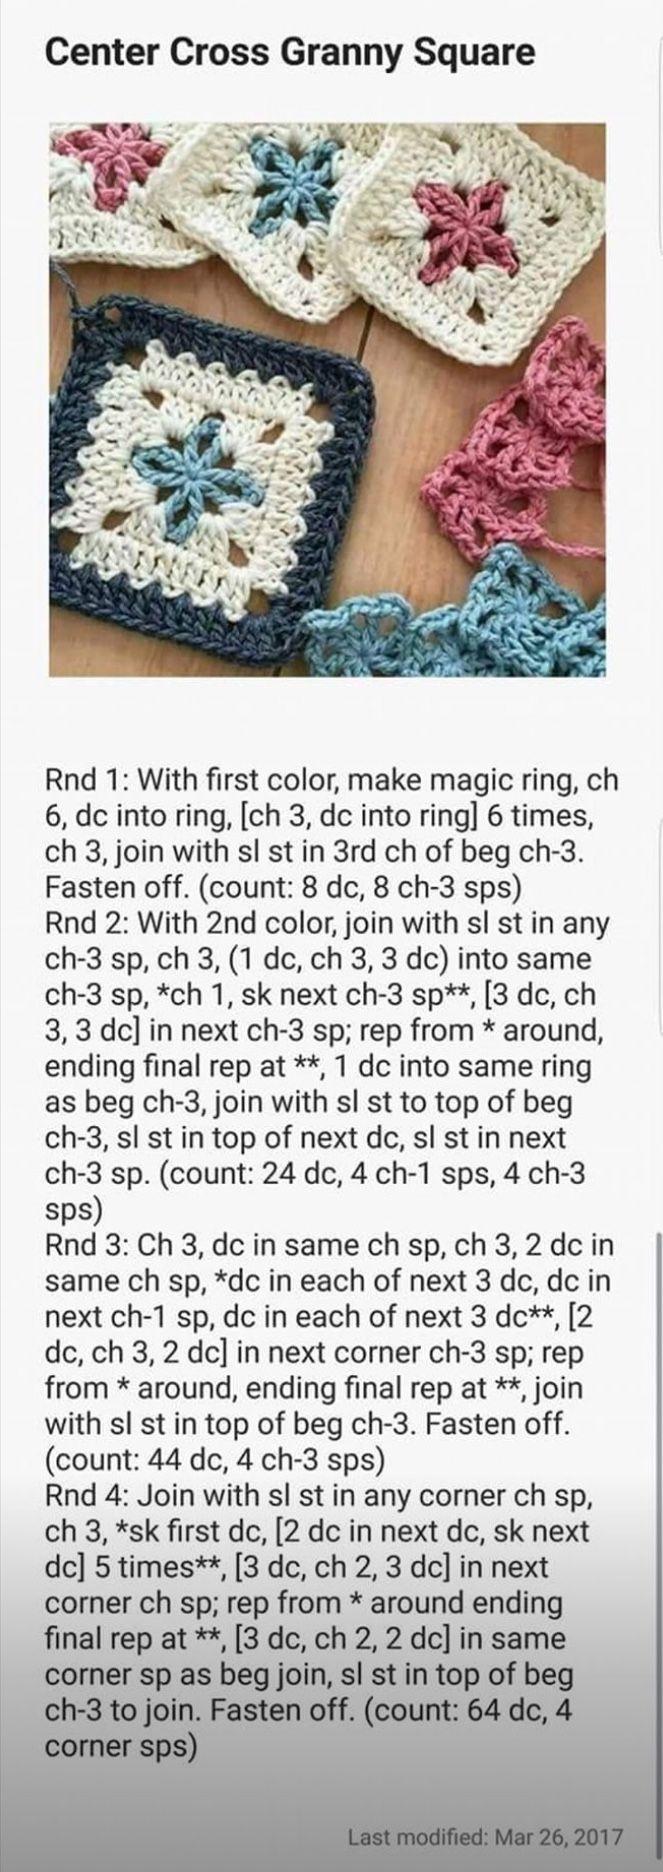 Center Cross Granny Square | Crochet/Knitting/C2C/Needlepoint ...